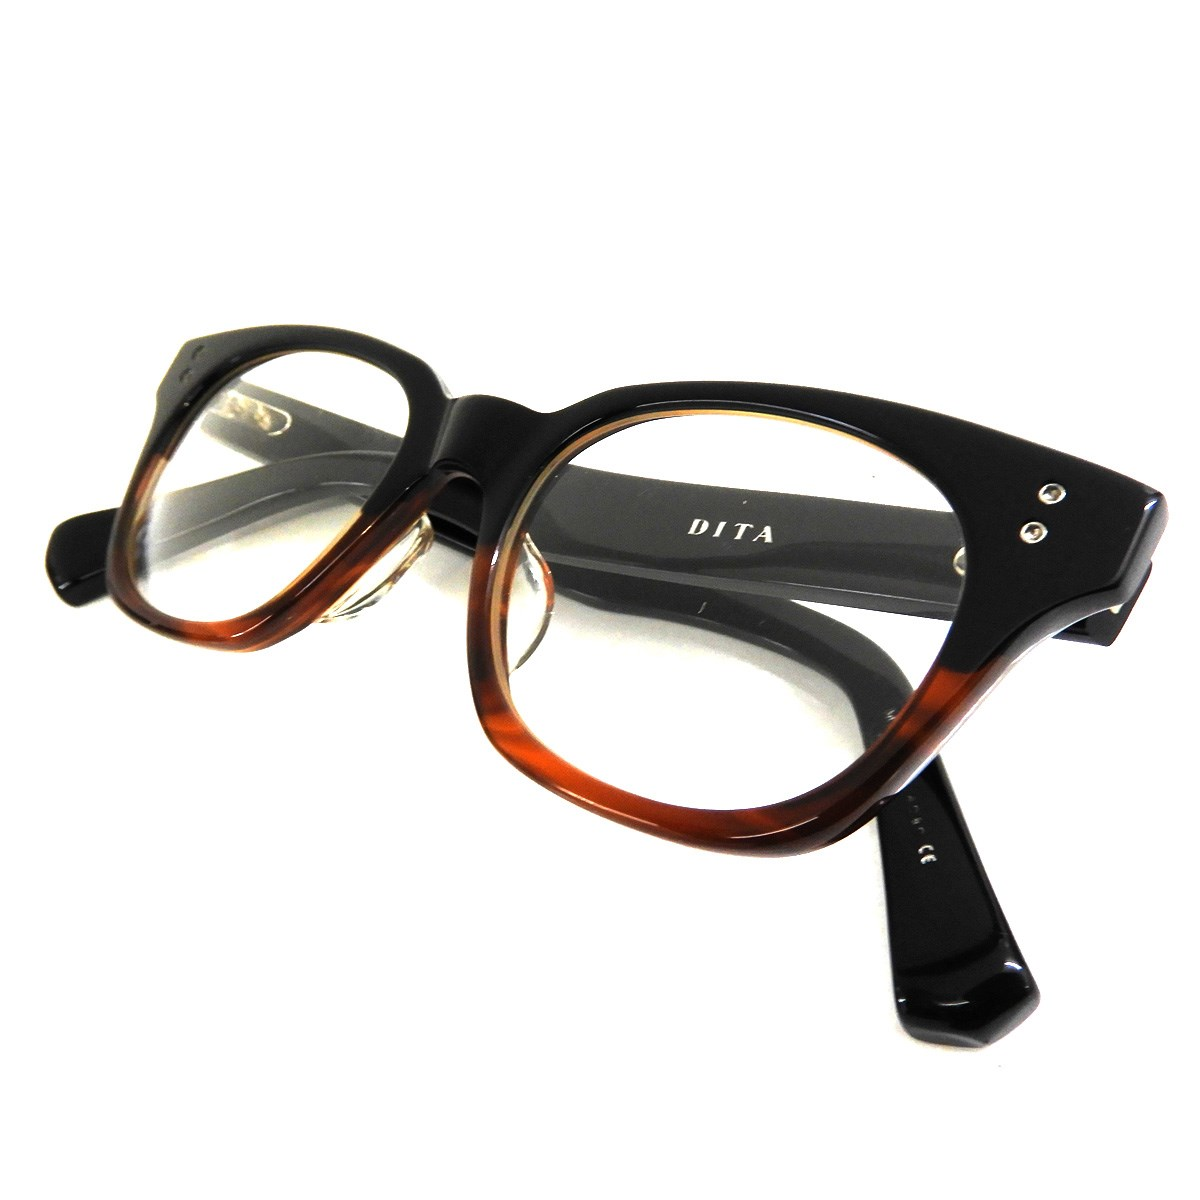 【中古】DITA 「BAYLOR」 サングラス ブラック×ブラウン サイズ:5□20.5-147 【260220】(ディータ)